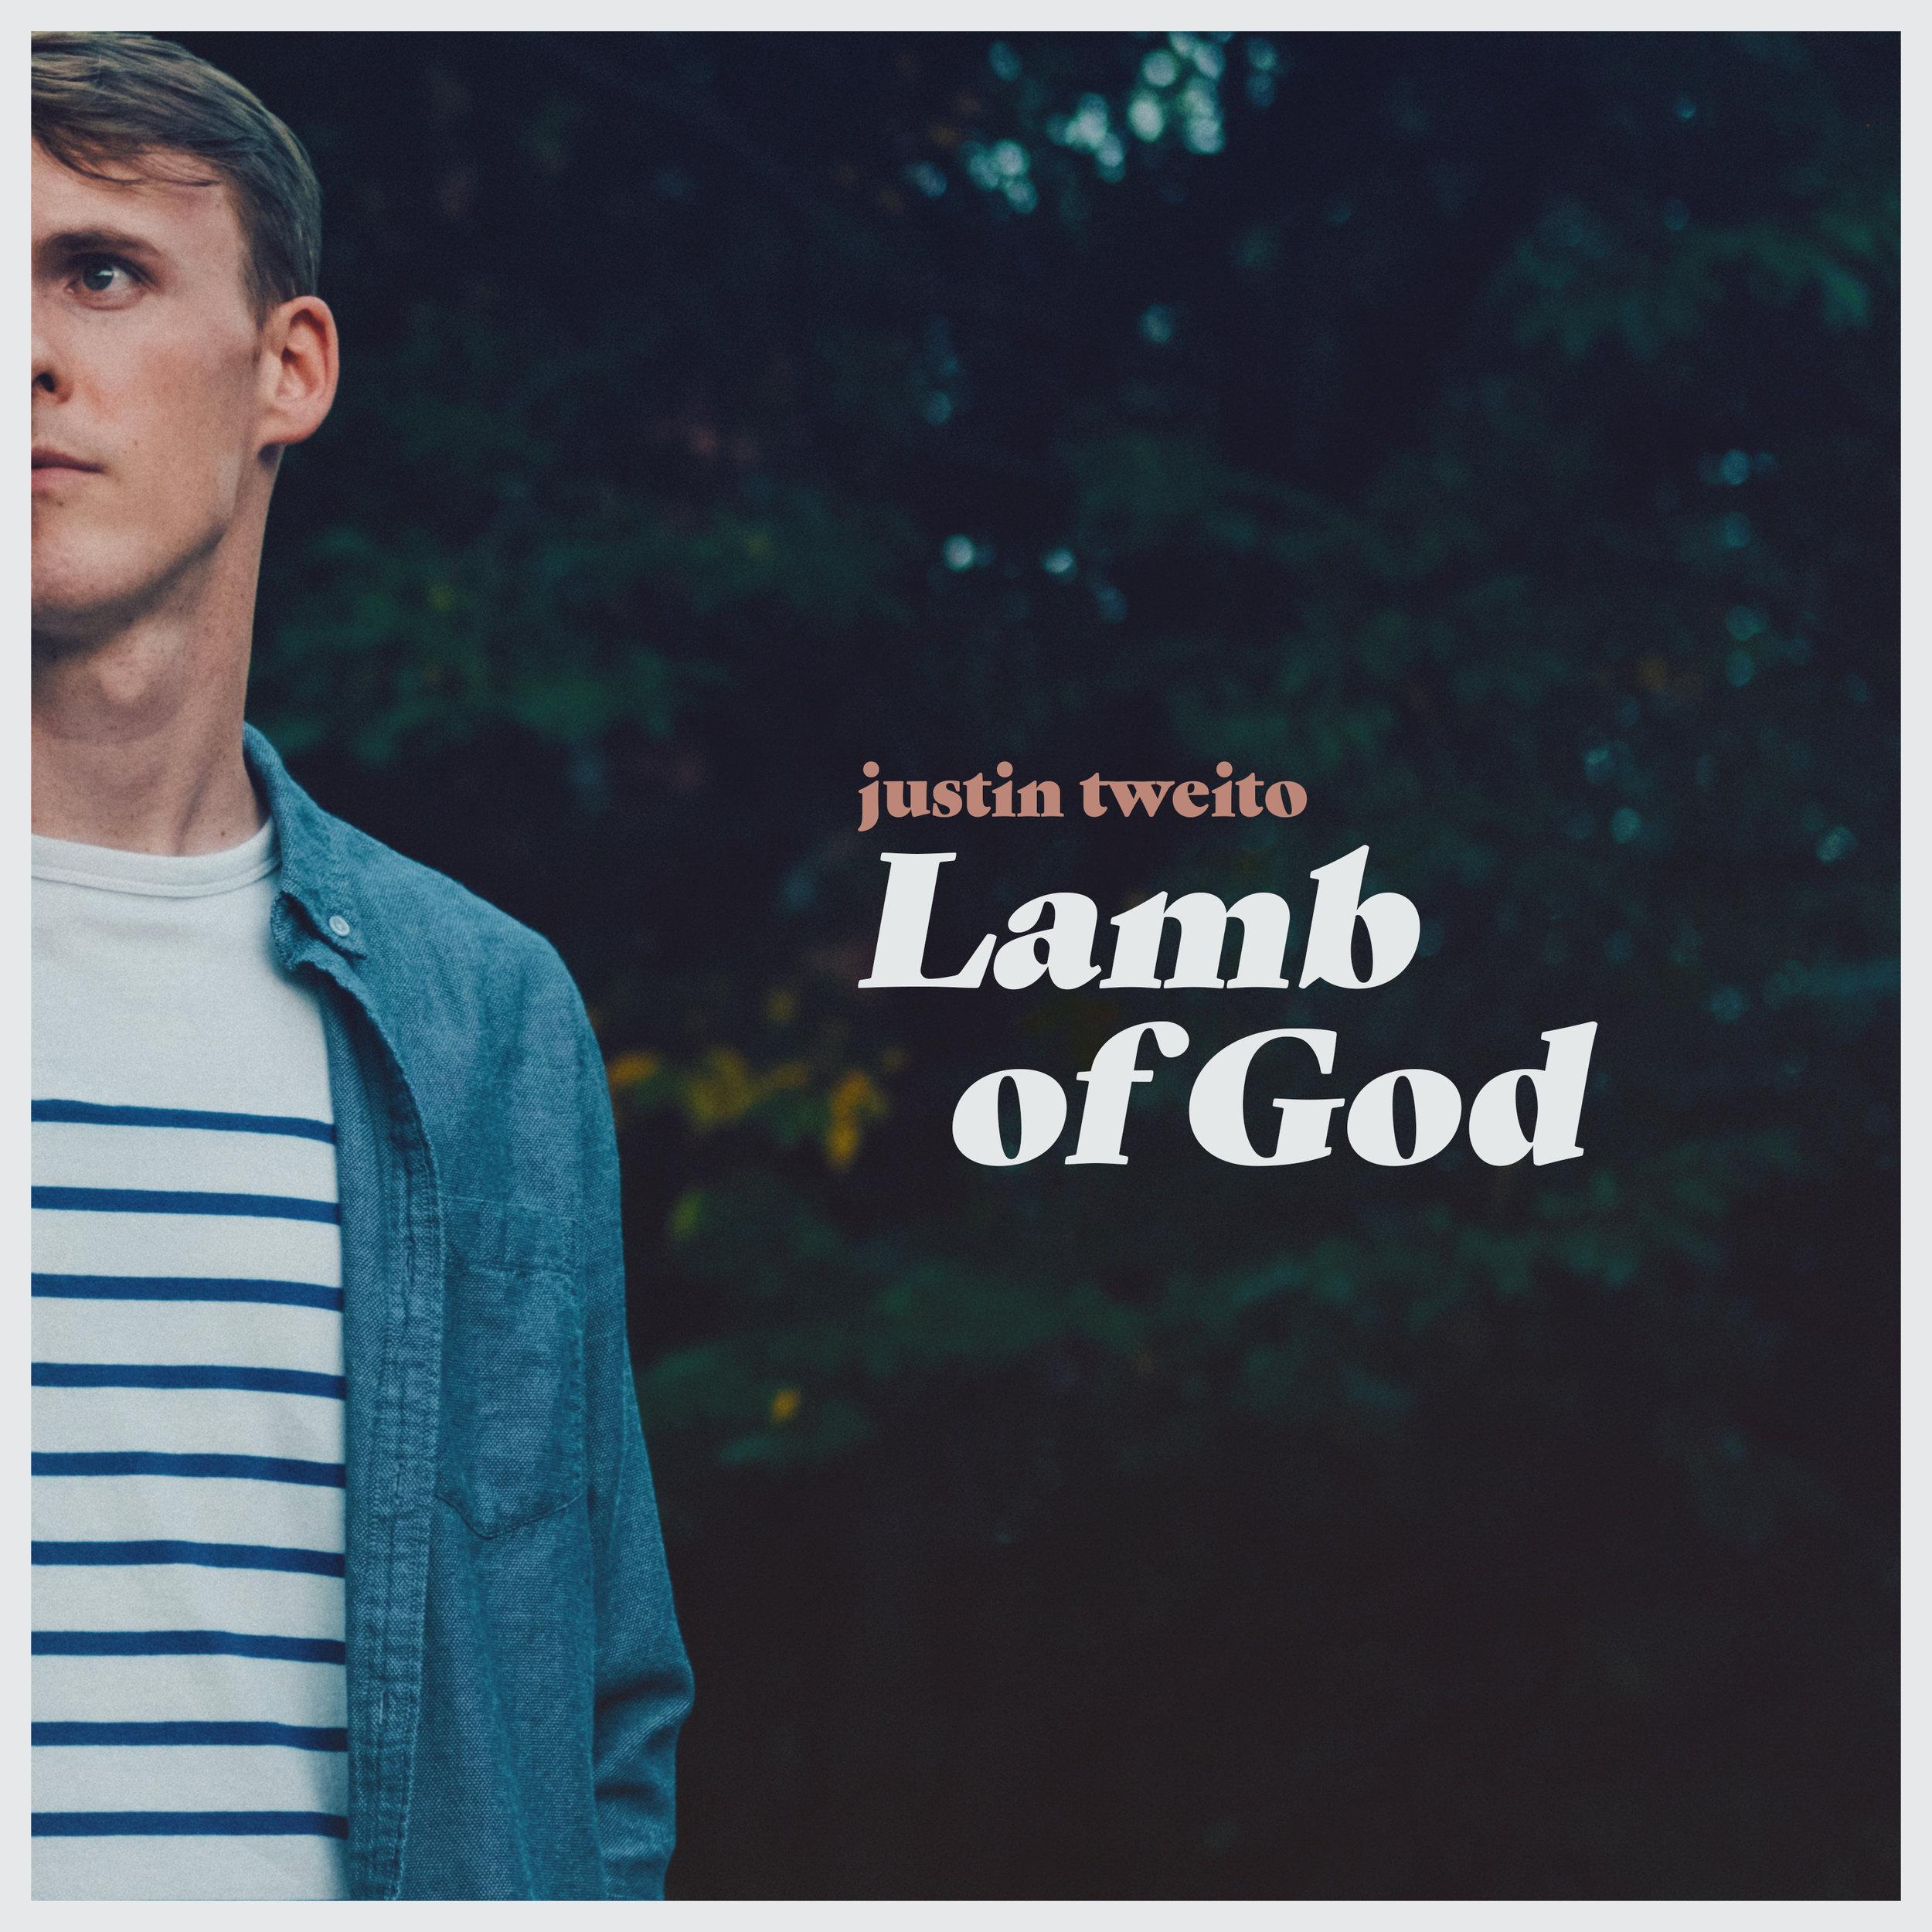 Justin Tweito: Lamb of God